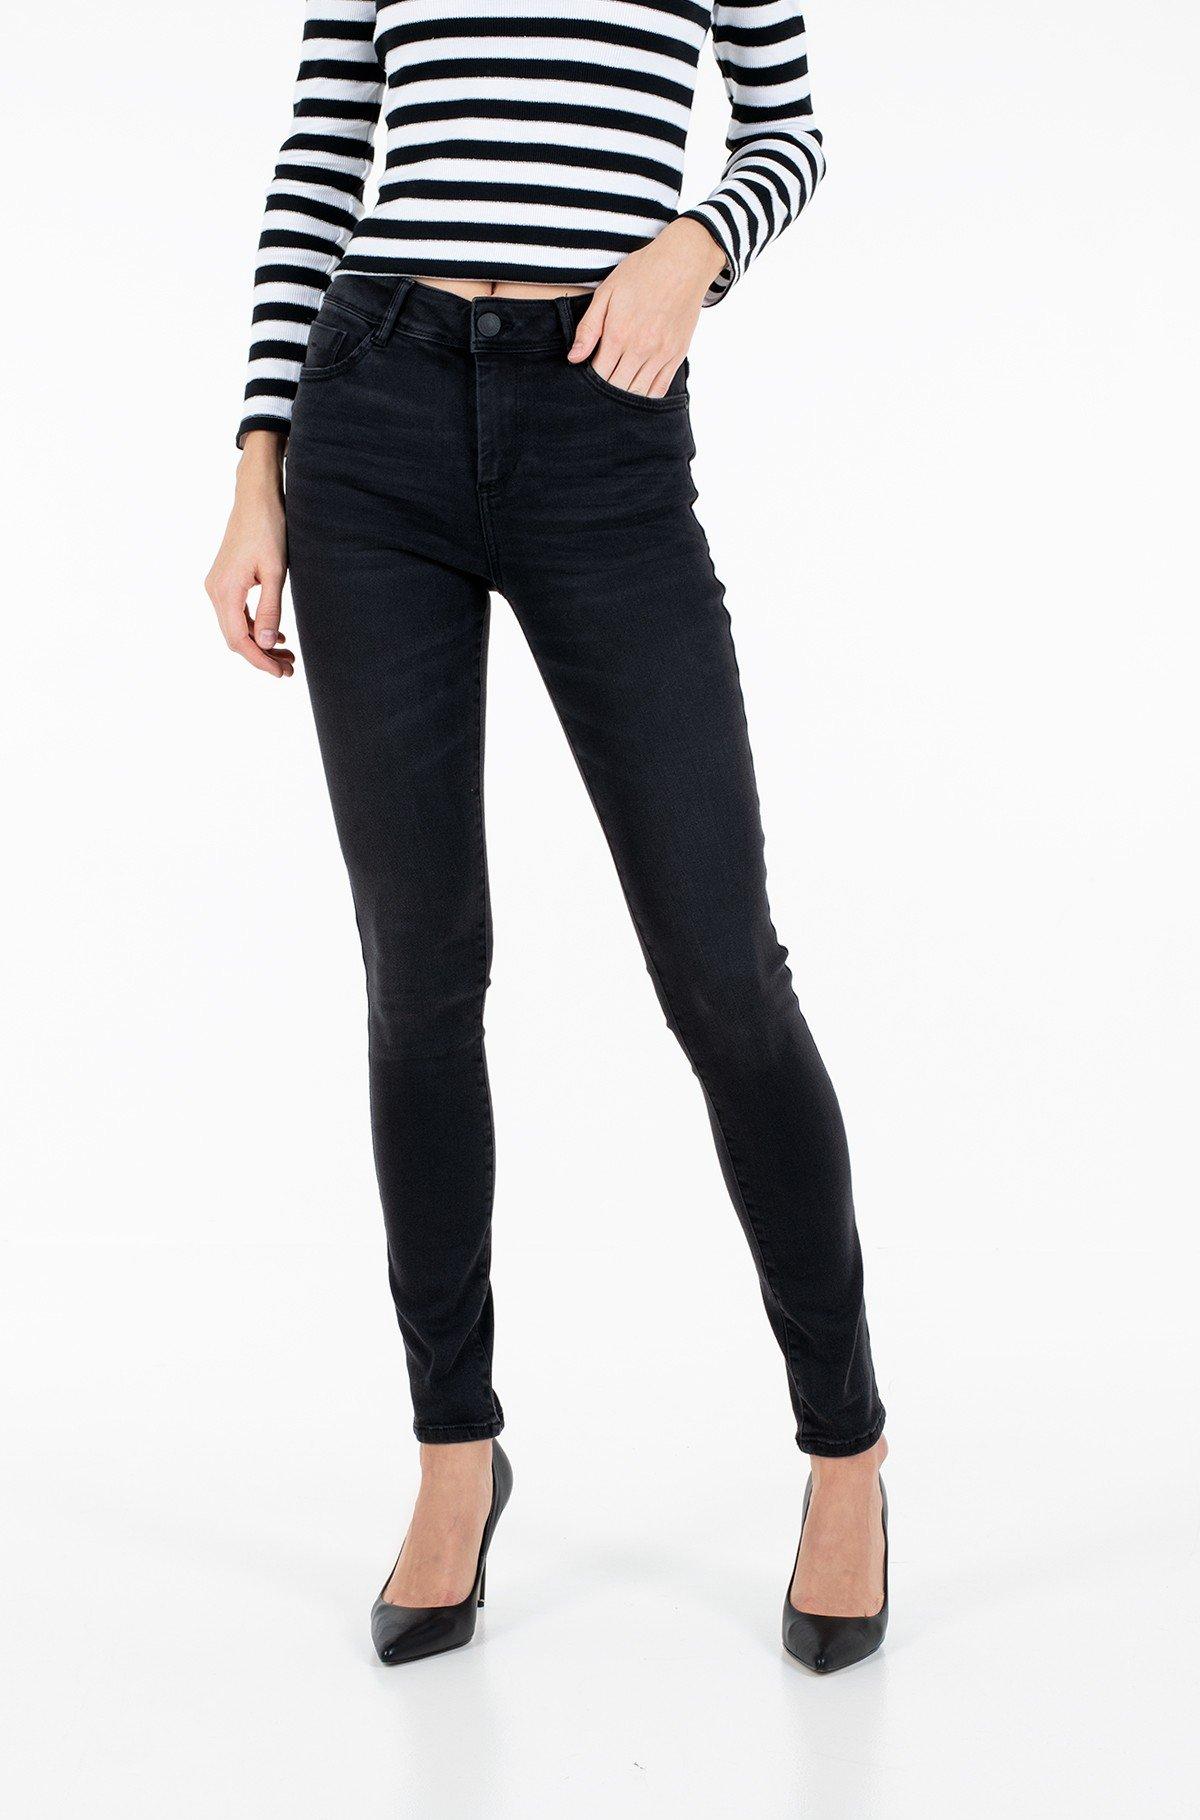 Jeans 1021181-full-1